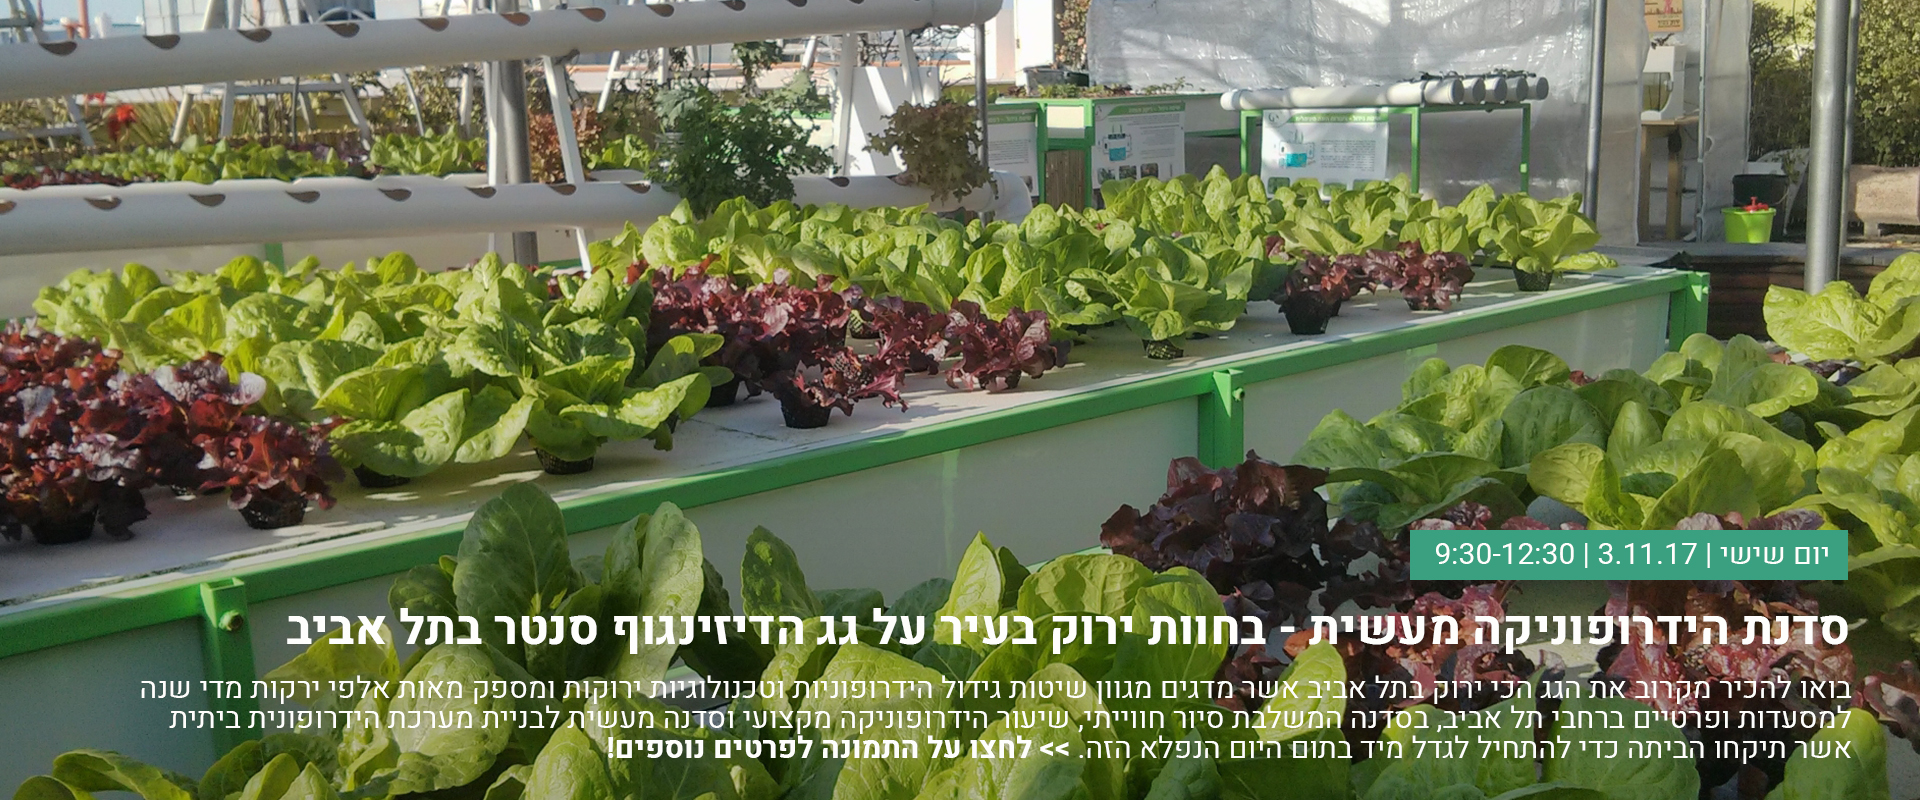 סדנה הידרופונית בתל אביב על גג הדיזינגוף סנטר